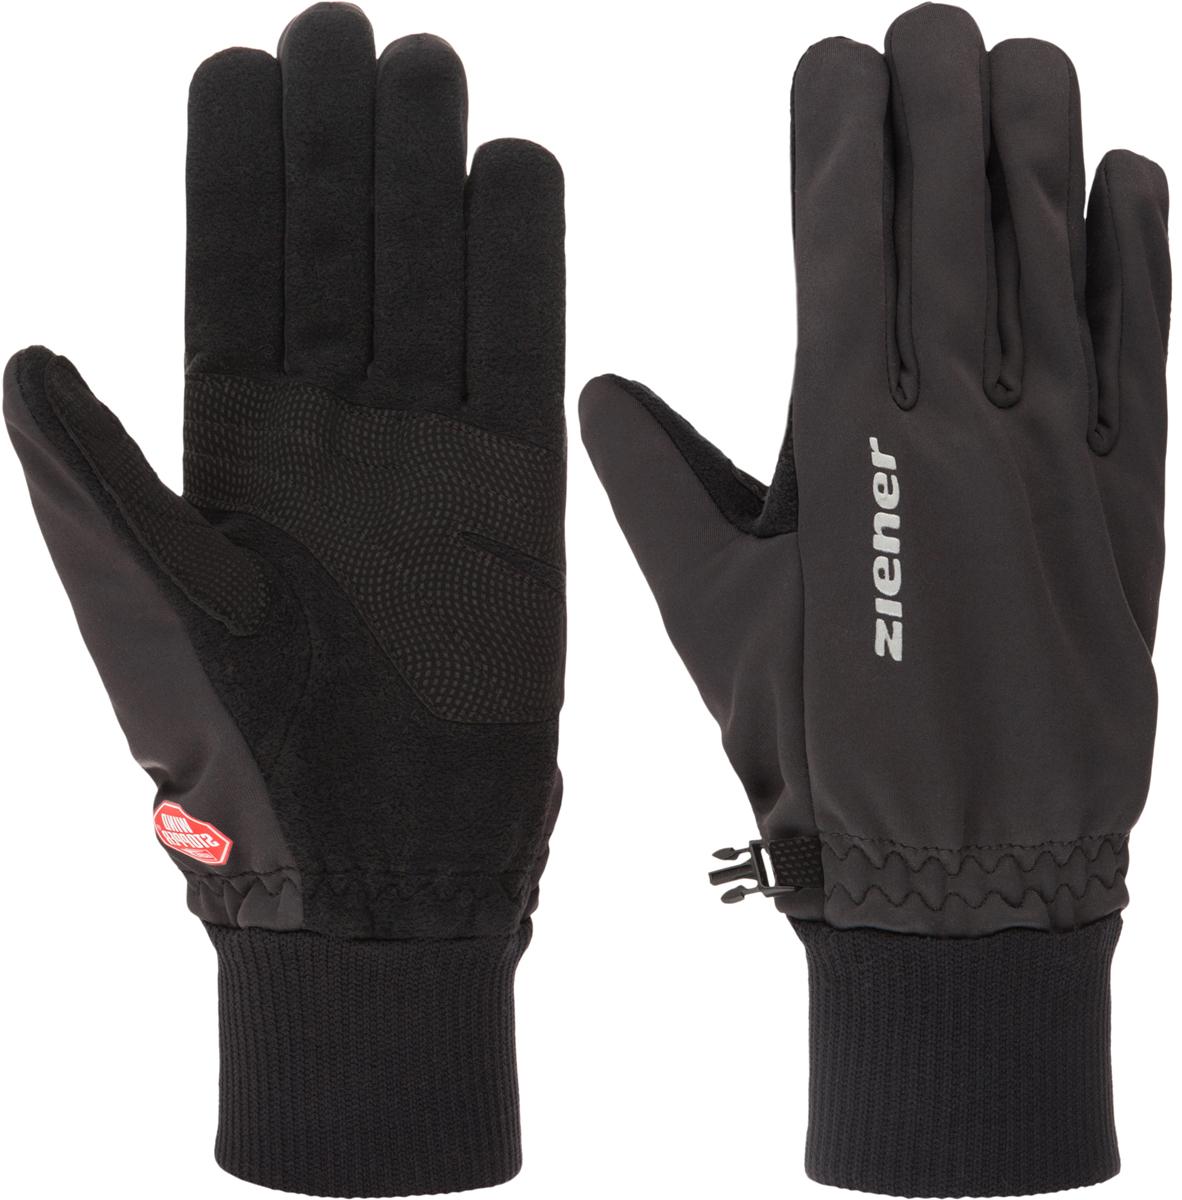 Перчатки Ziener Idealist Glove, цвет: черный. 150094-12. Размер 10150094-12Перчатки для беговых лыж классической формы. Специальная узкая манжета заправляется под рукав, обеспечивает удобство и комфорт движения. Технология Ziener Idealist Glove обеспечивает максимальный комфорт и свободу движения. Модель выполнена из ткани Soft Shell, которая защищает от непогоды, и в то же время остается комфортной изнутри. Наружная сторона Soft Shell - ветронепроницаемый барьер, который помогает поддерживать микроклимат внутри: впитывает влагу с внутренней поверхности и очень быстро испаряет ее в окружающее пространство, не снижая воздухопроницаемых свойств. При этом вода снаружи проникает не быстрее, чем испаряется изнутри либо успевает нагреться во внутреннем слое до температуры, комфортной для тела.